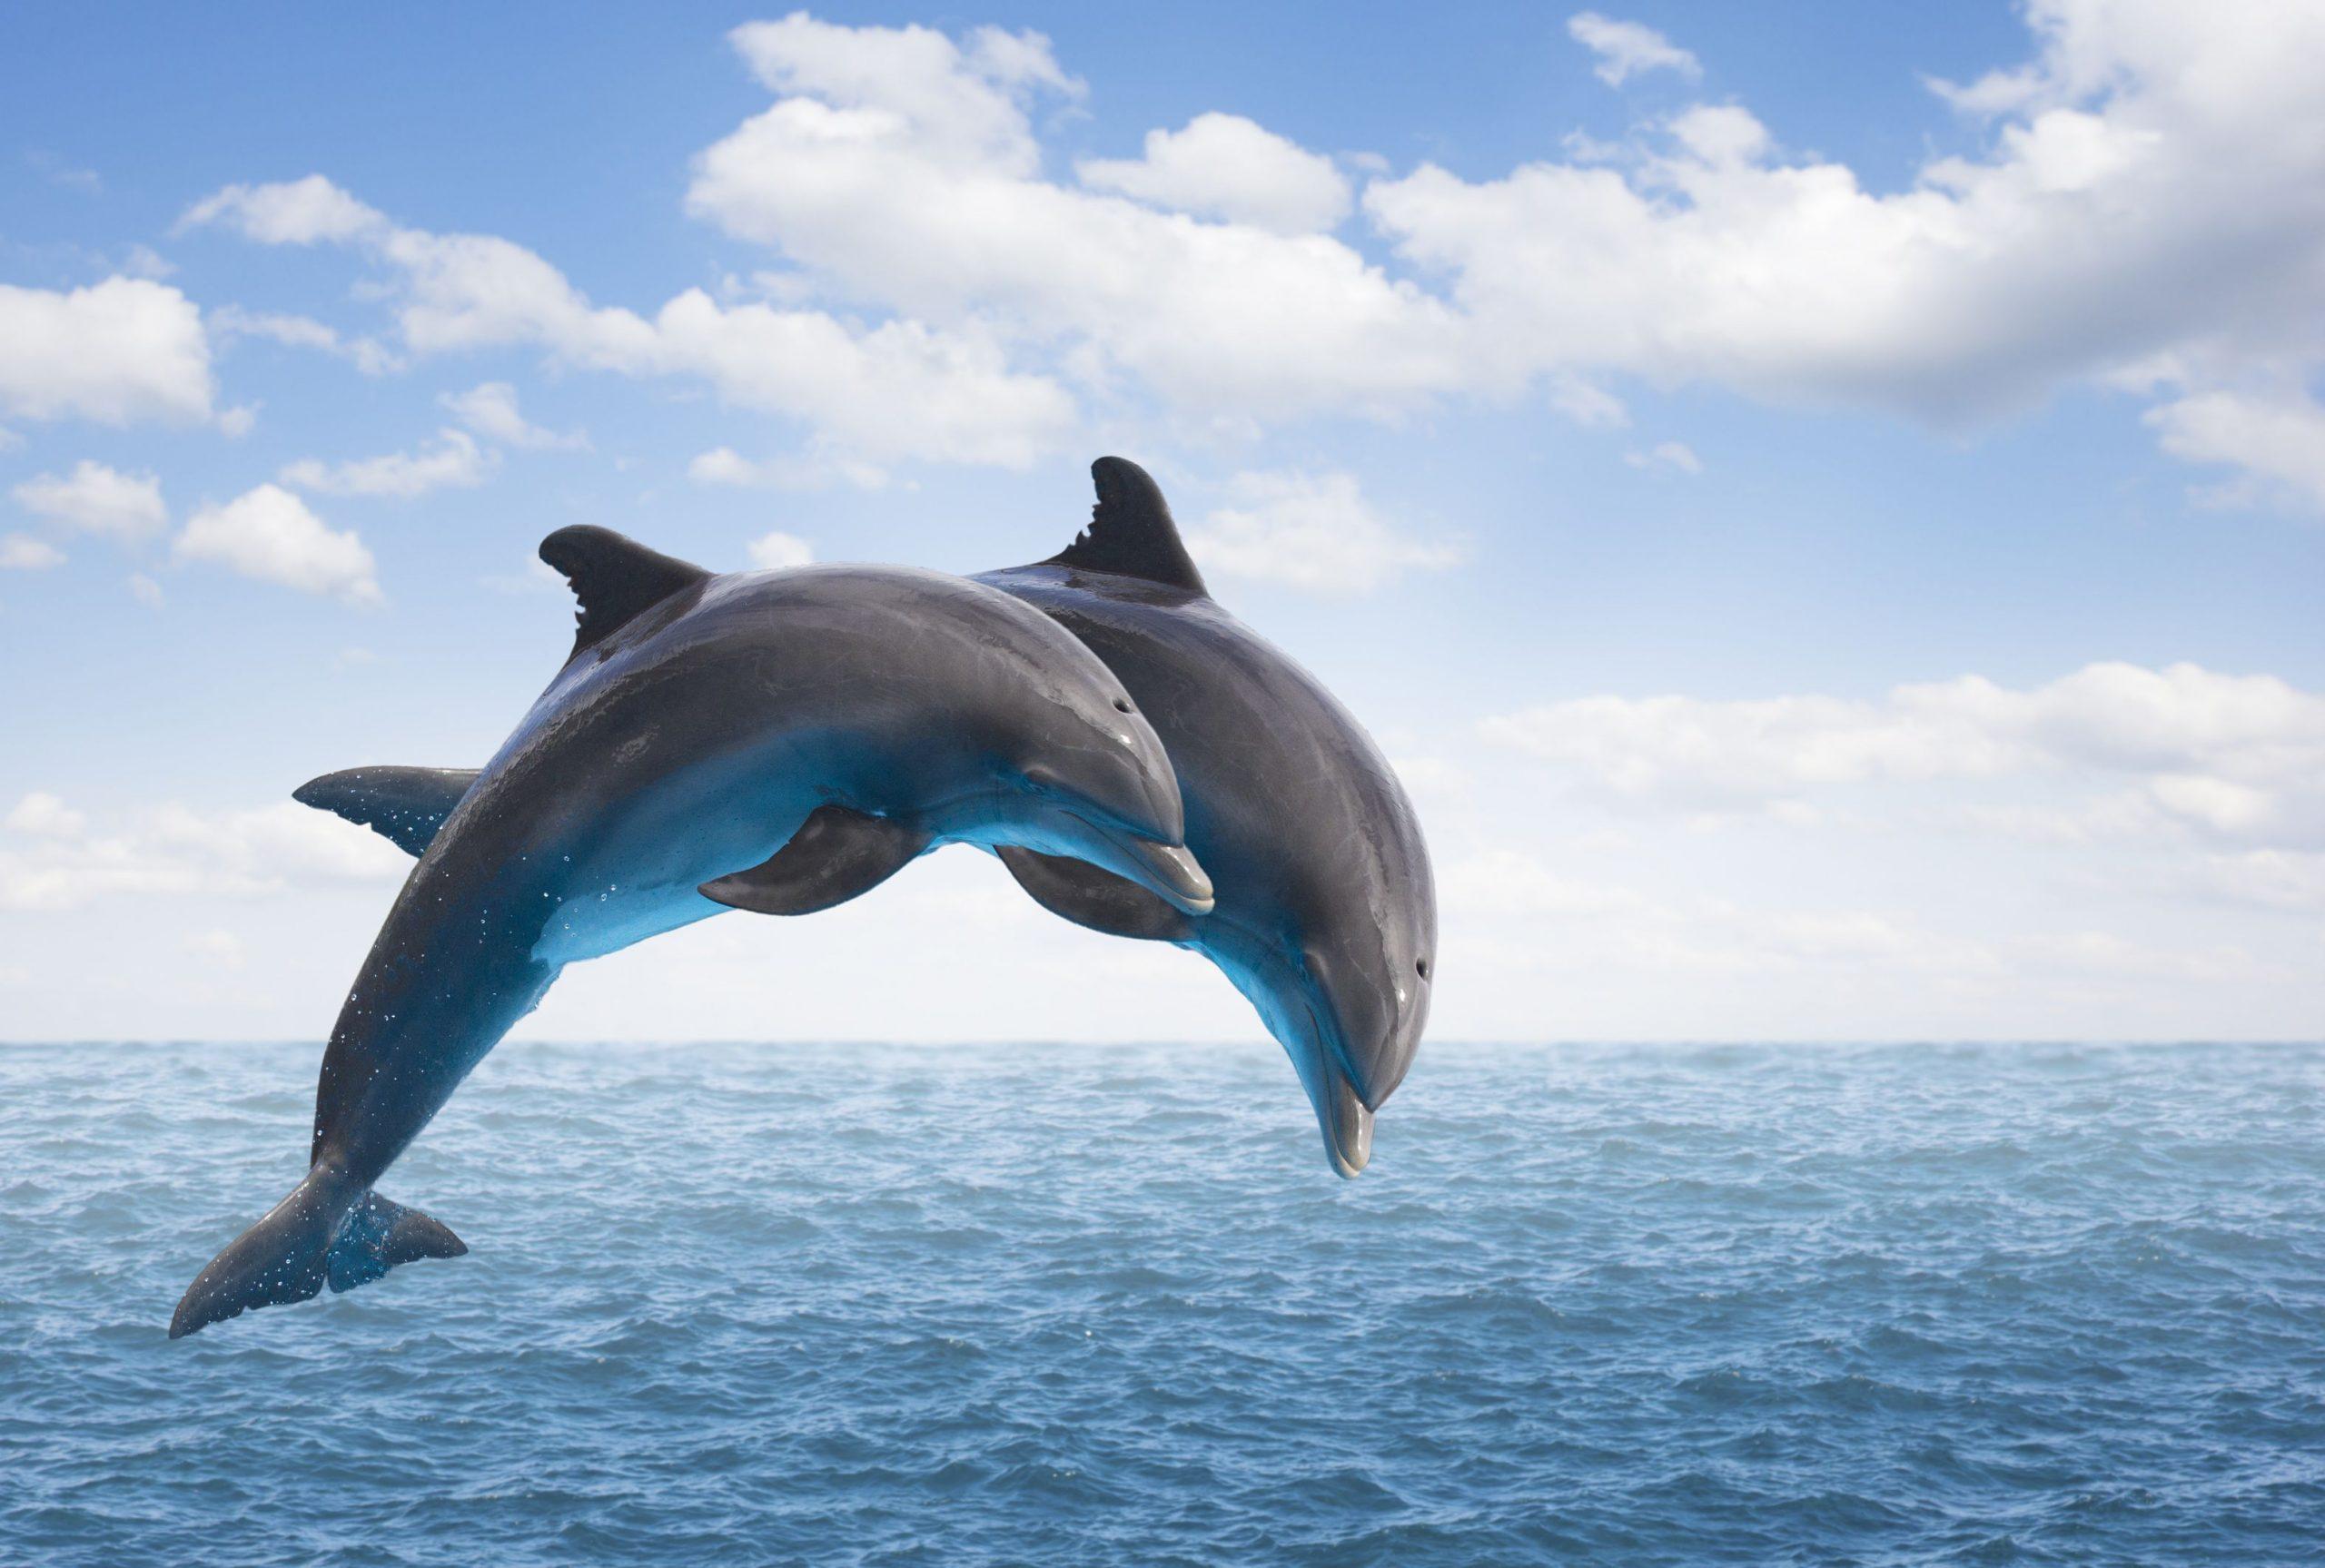 صور دولفين خلفيات دولفين dolphin 2